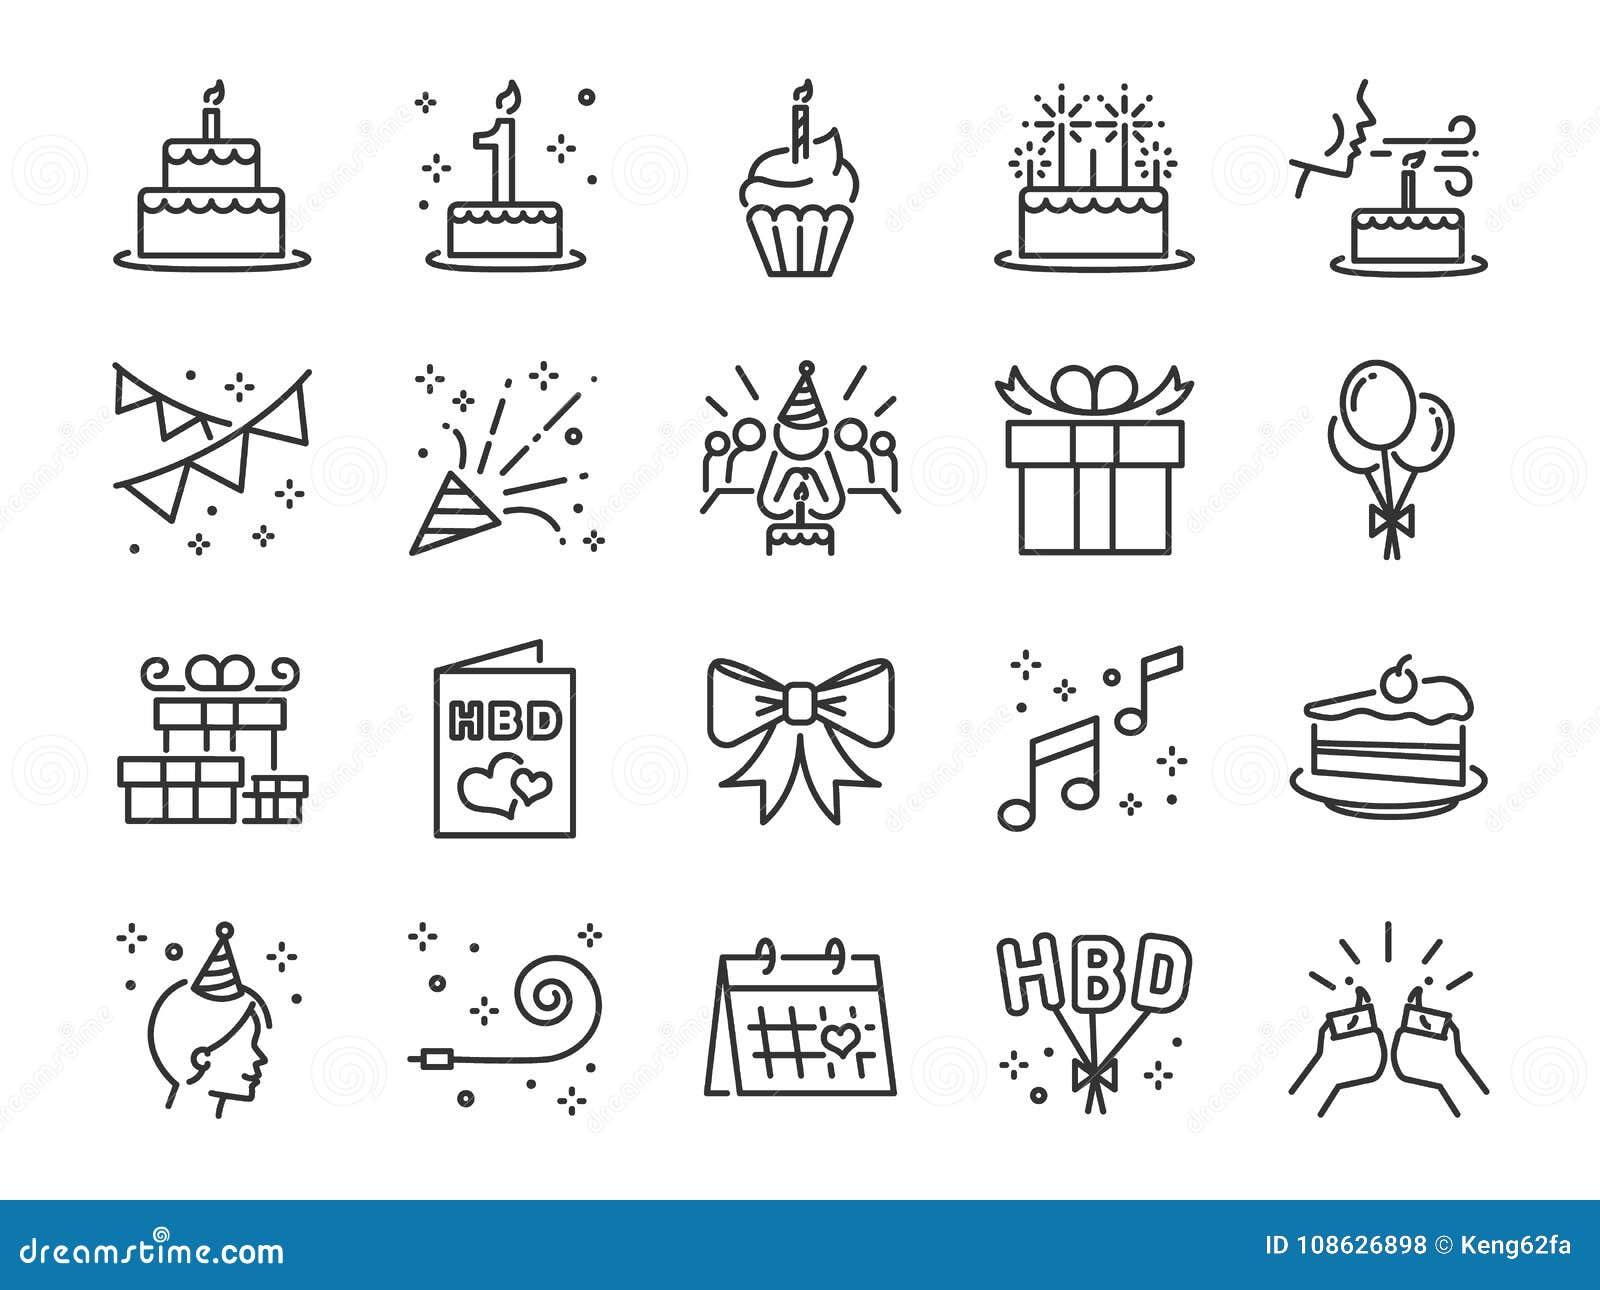 Alles- Gute zum Geburtstaggemeinschaftsikonensatz Schloss die Ikonen als Feier, Jahrestag, Partei, Glückwunsch, Kuchen, Geschenk,